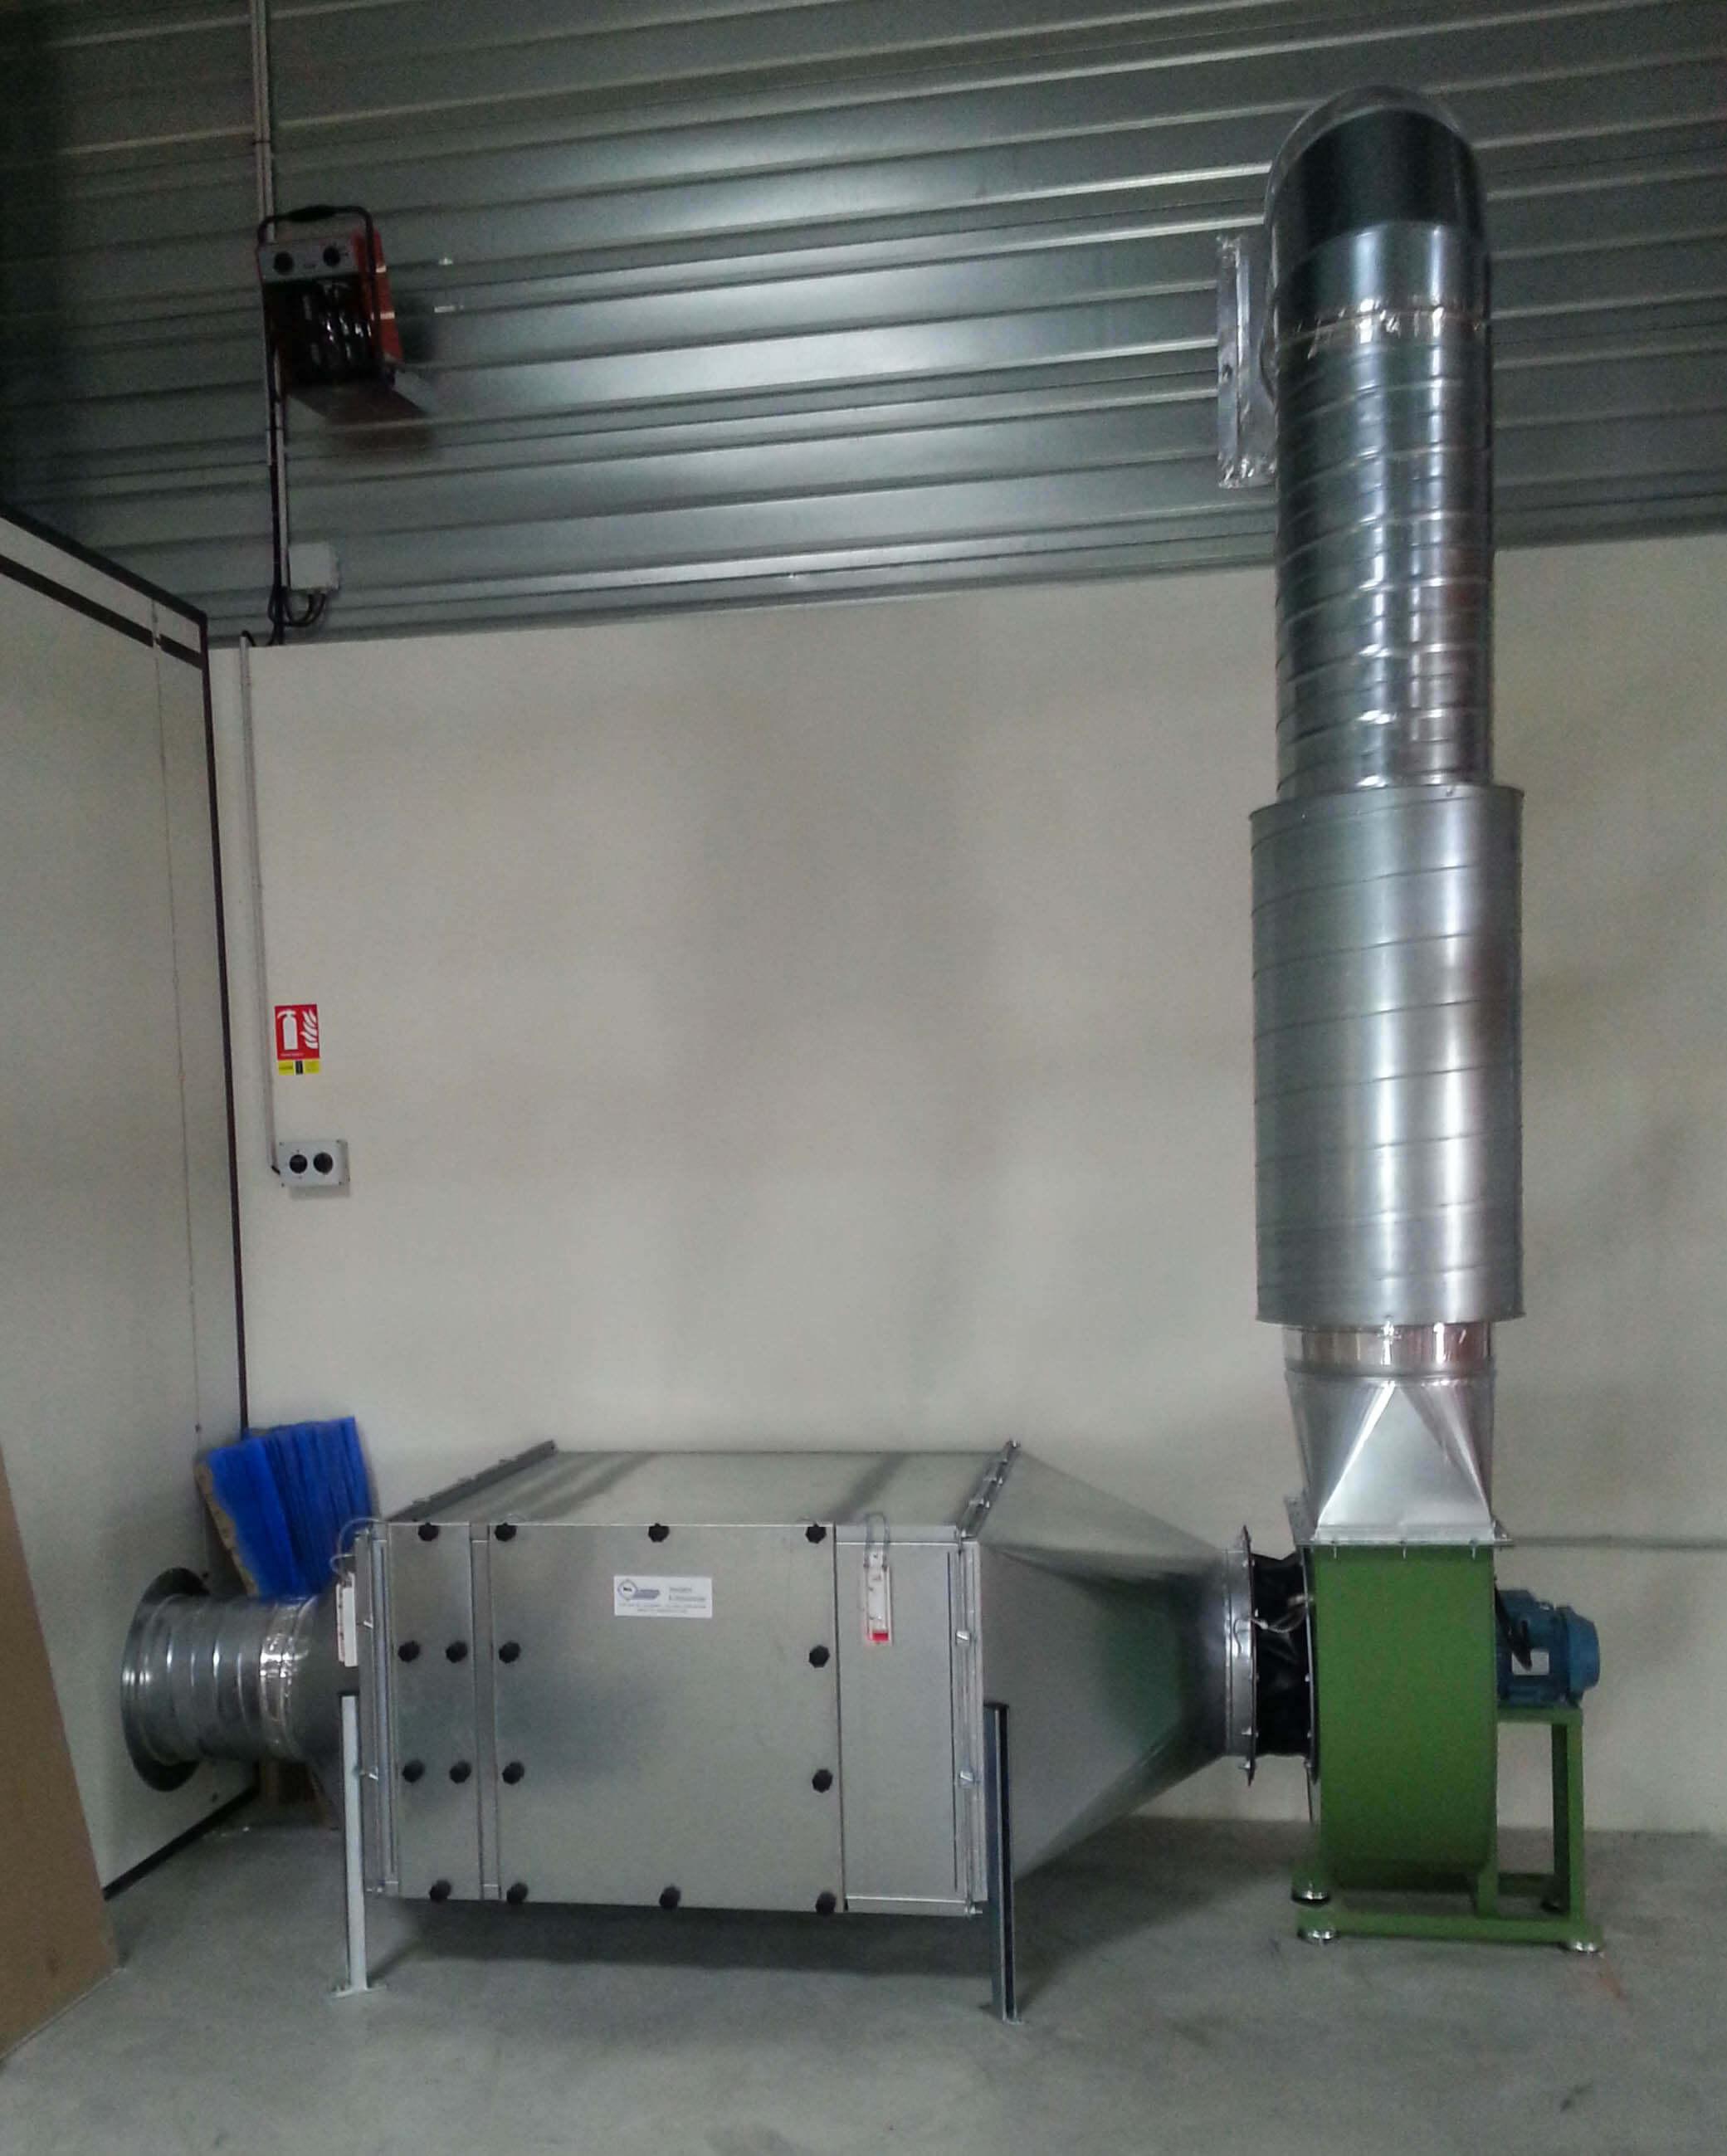 Aspiration avec filtration. Réseau en gaine spiralée galvanisée, silencieux au refoulement et ventilateur